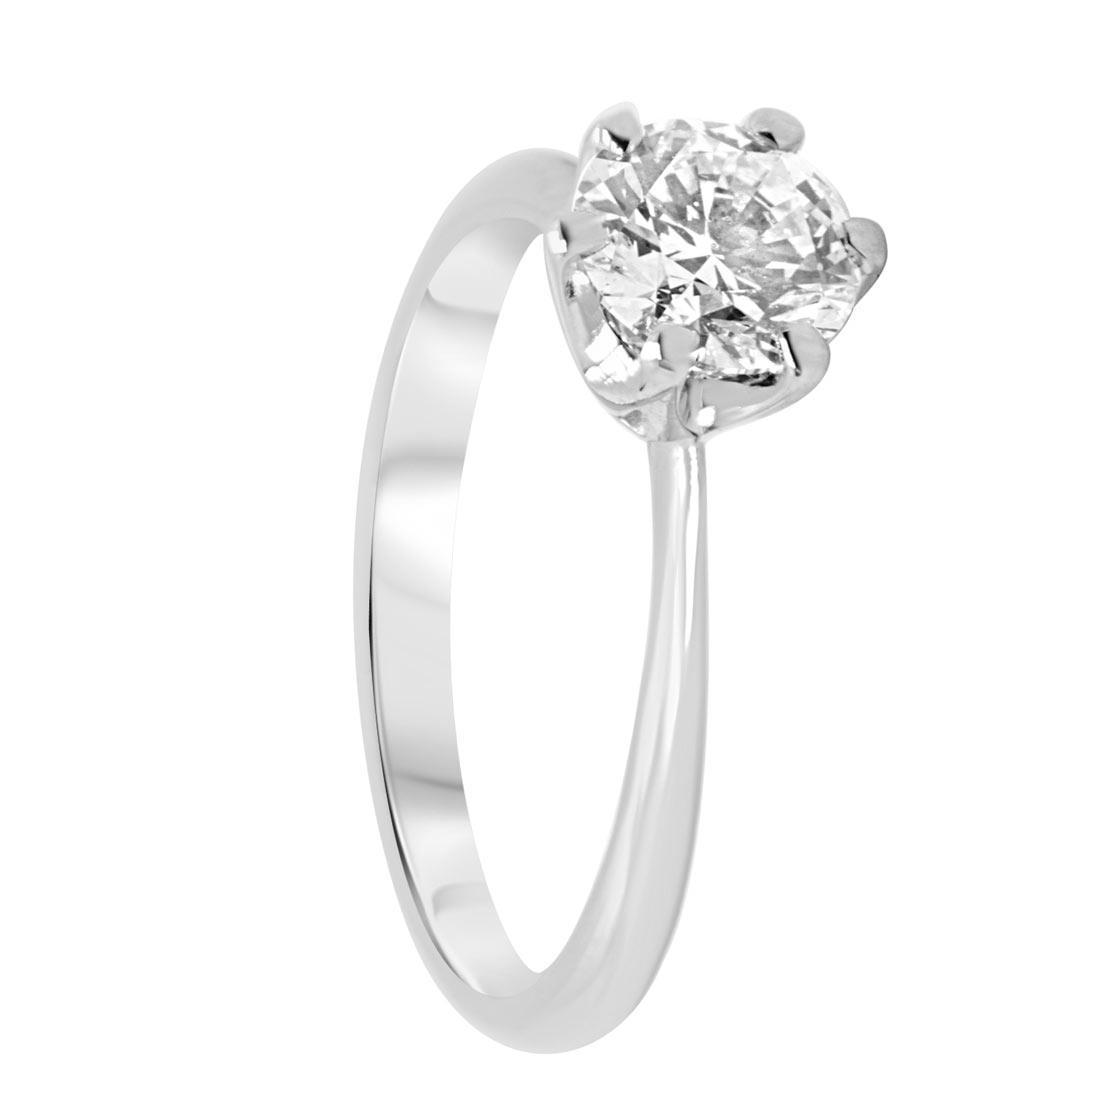 Anello solitario in oro bianco con diamante 1,00 ct mis 14 - ALFIERI & ST. JOHN